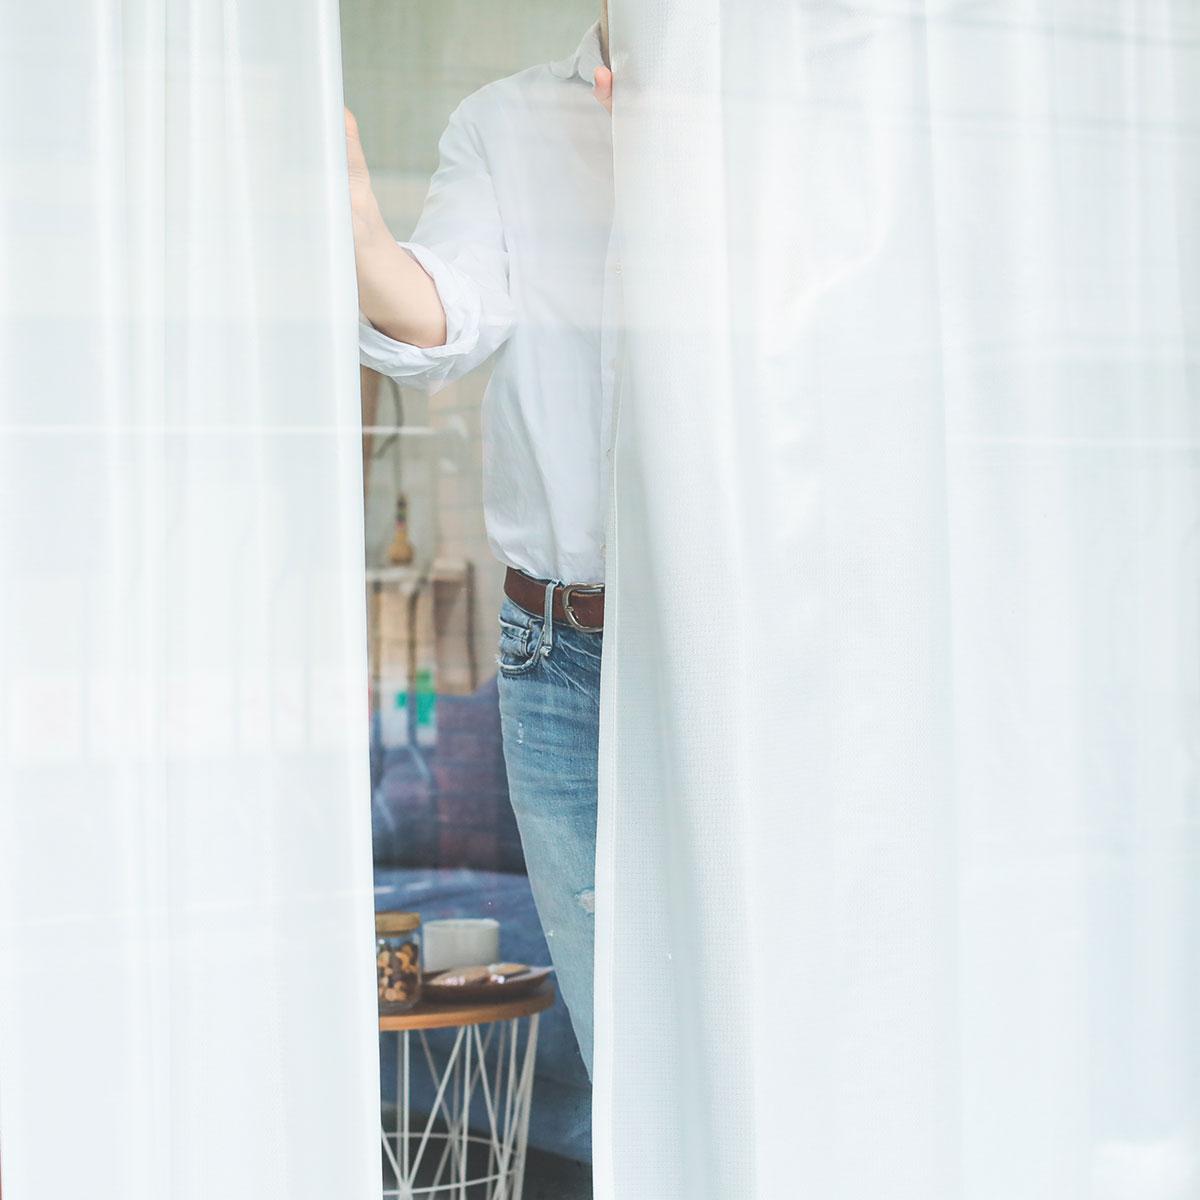 昼間、外から部屋の中を見たようす2